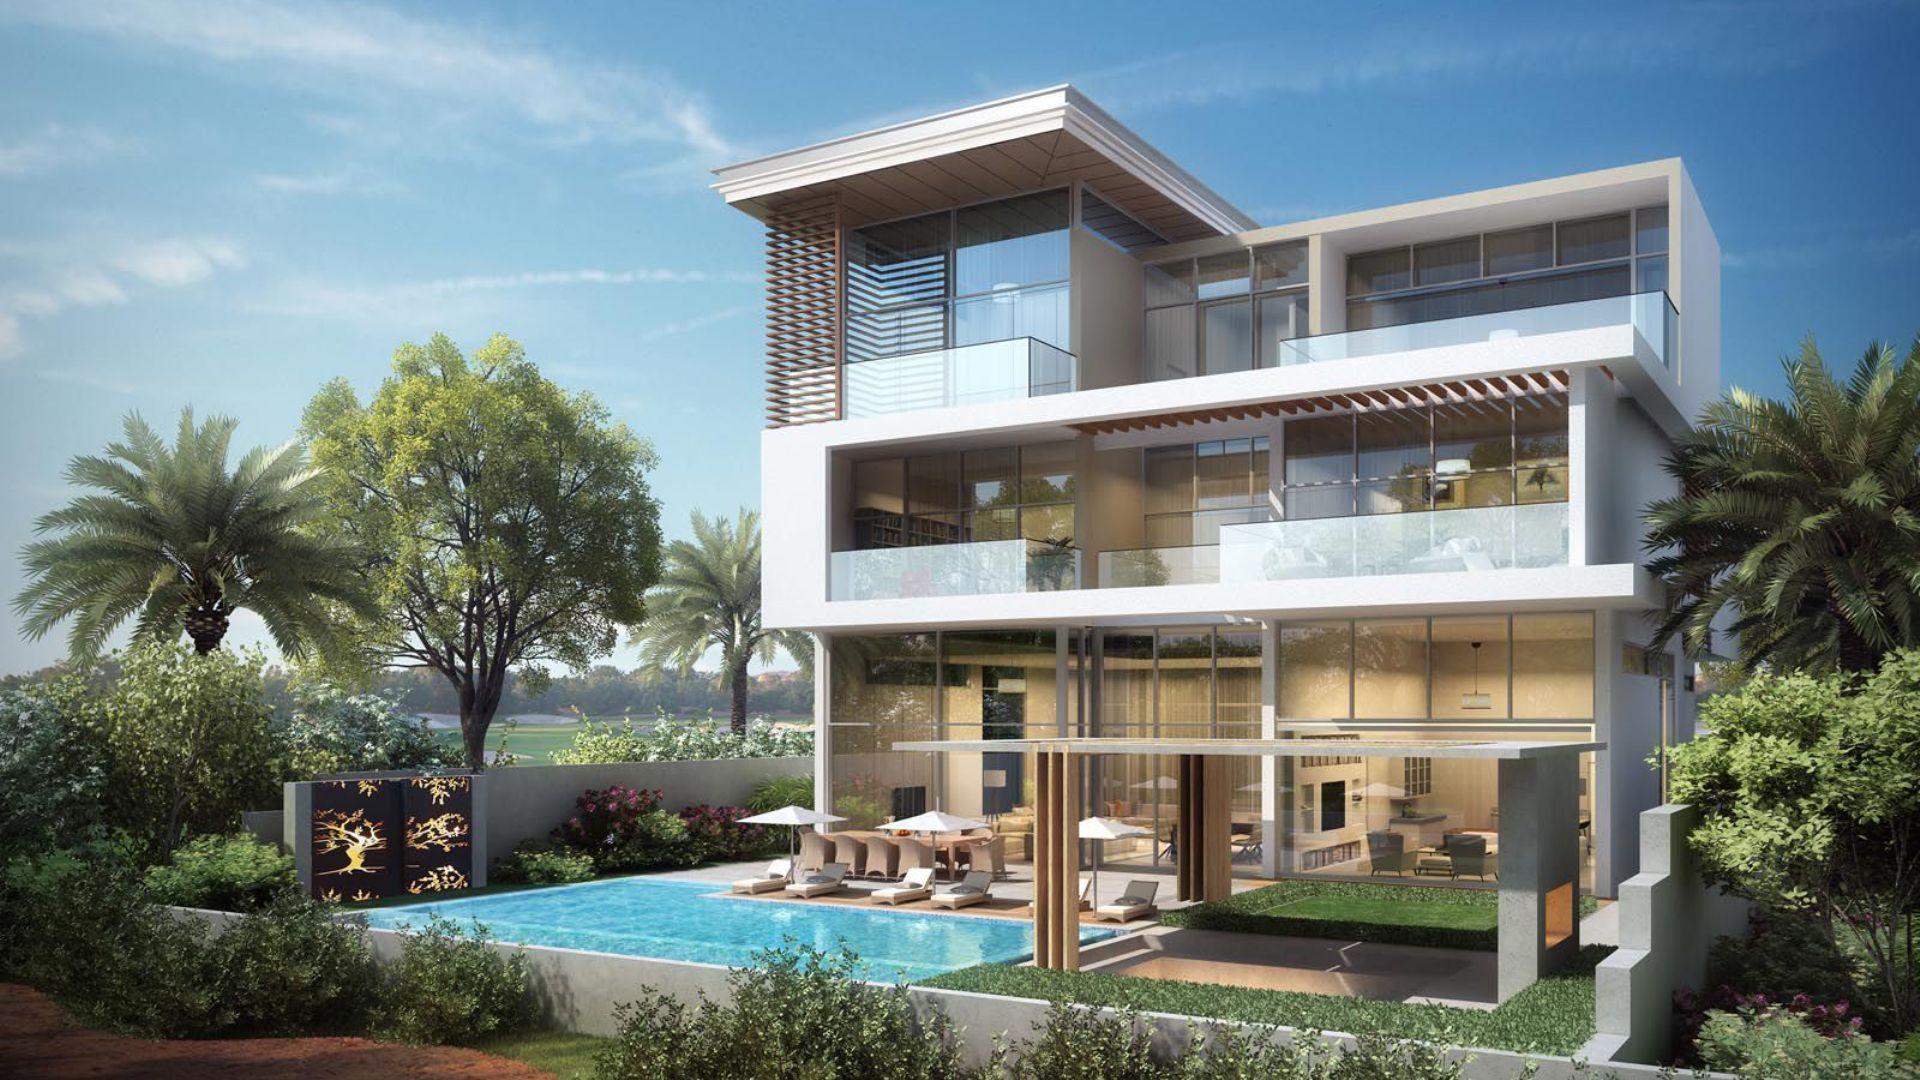 Villa en venta en Dubai, EAU, 6 dormitorios, 1117 m2, № 24250 – foto 1